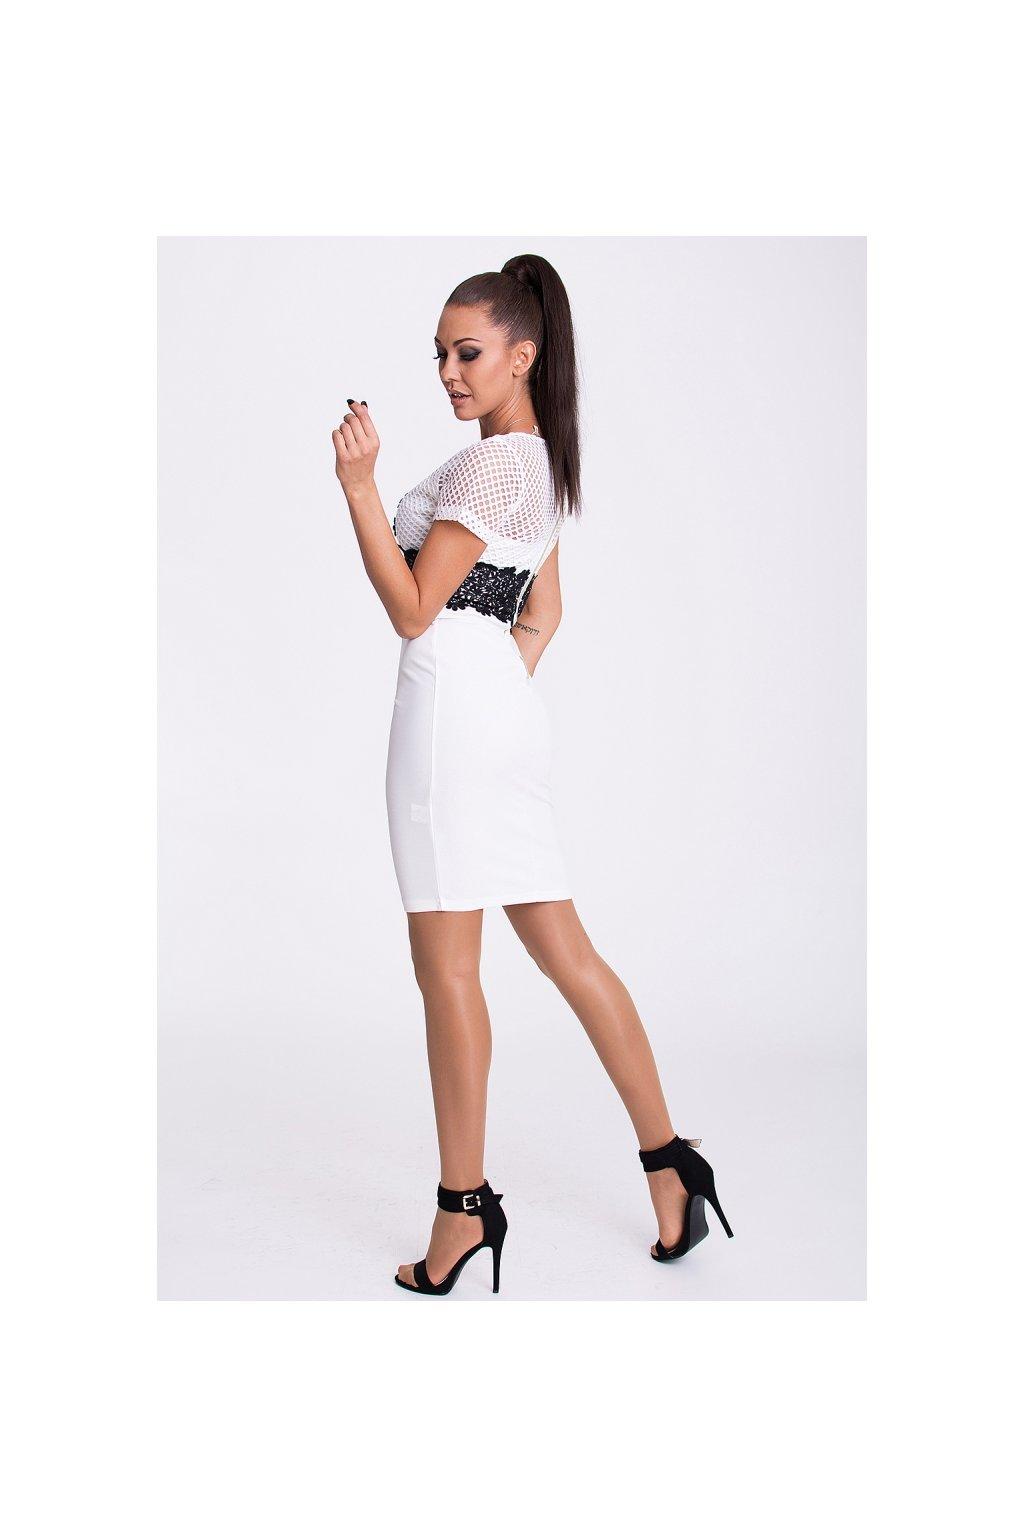 7e67aa223e4 ... Bílo-černé šaty EMAMODA PARIS